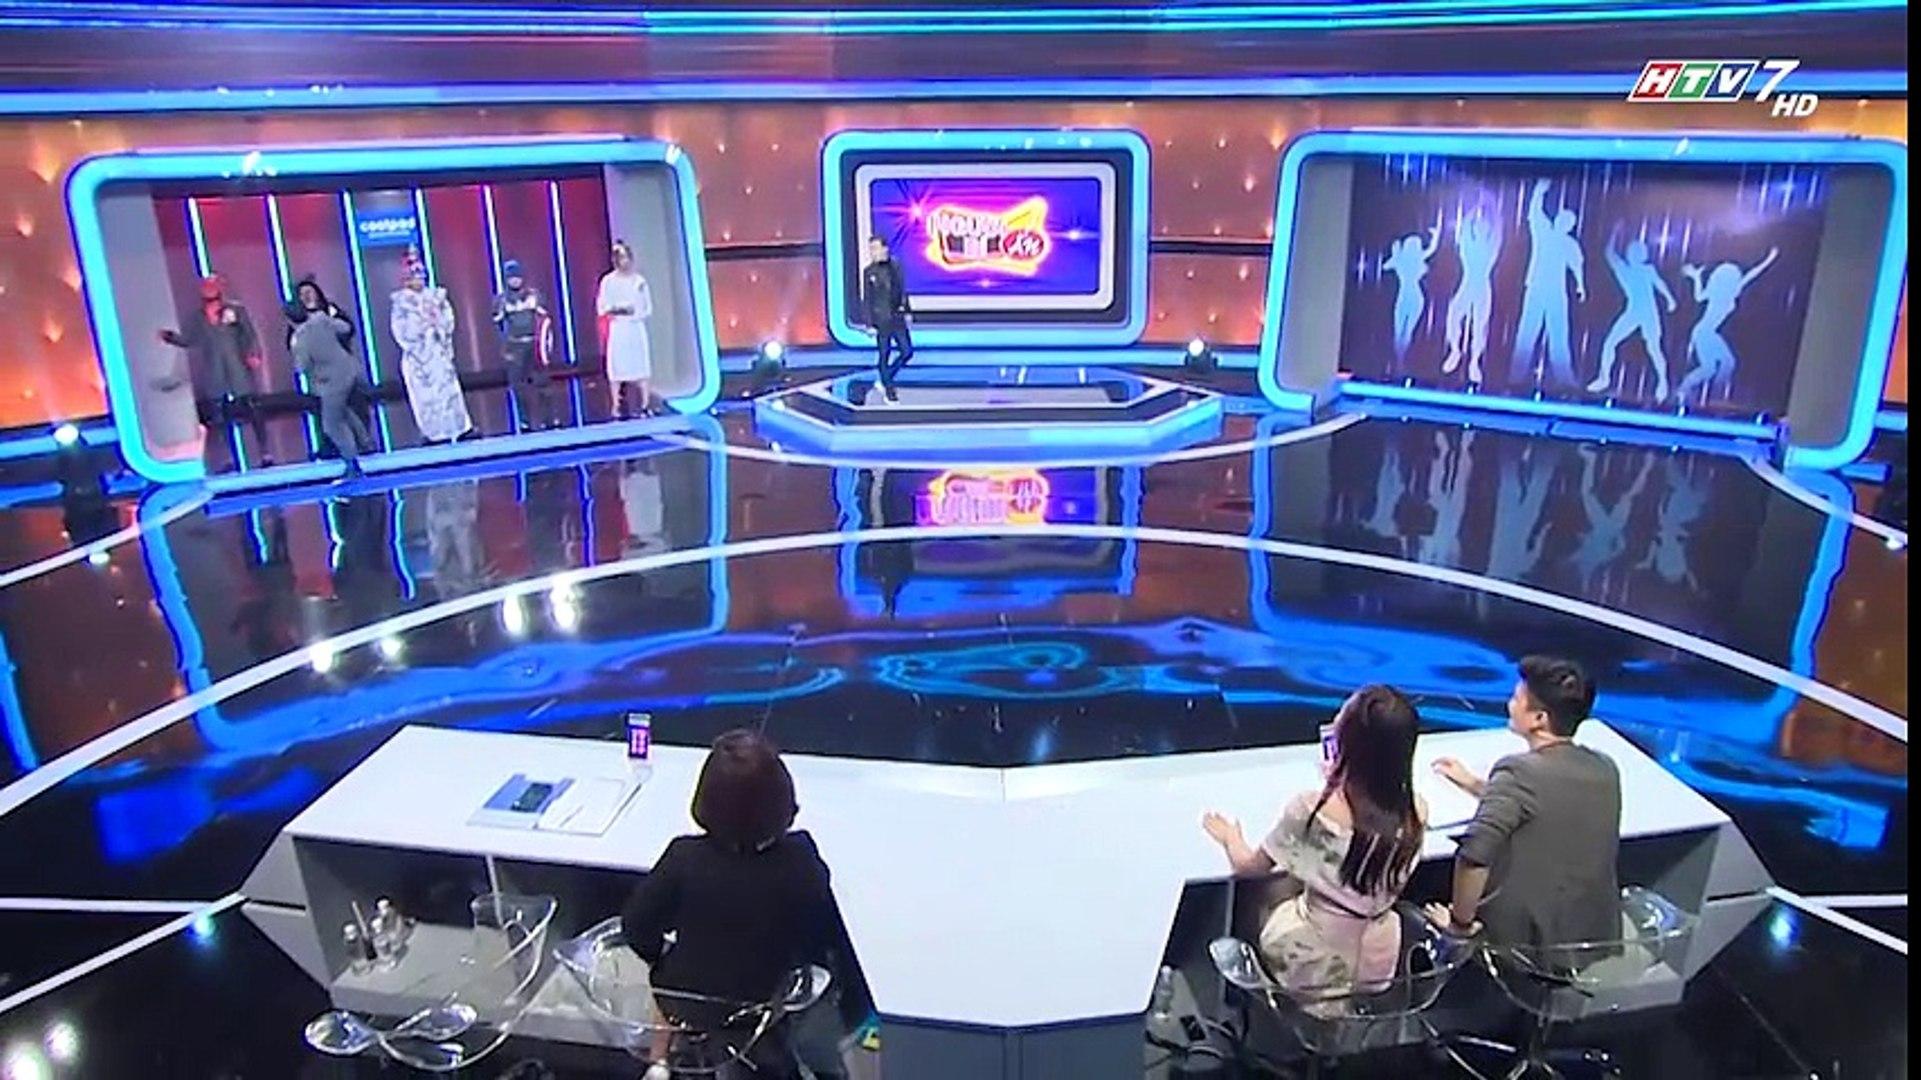 Hồng Đào chủ động hôn trai lạ trên sóng truyền hình